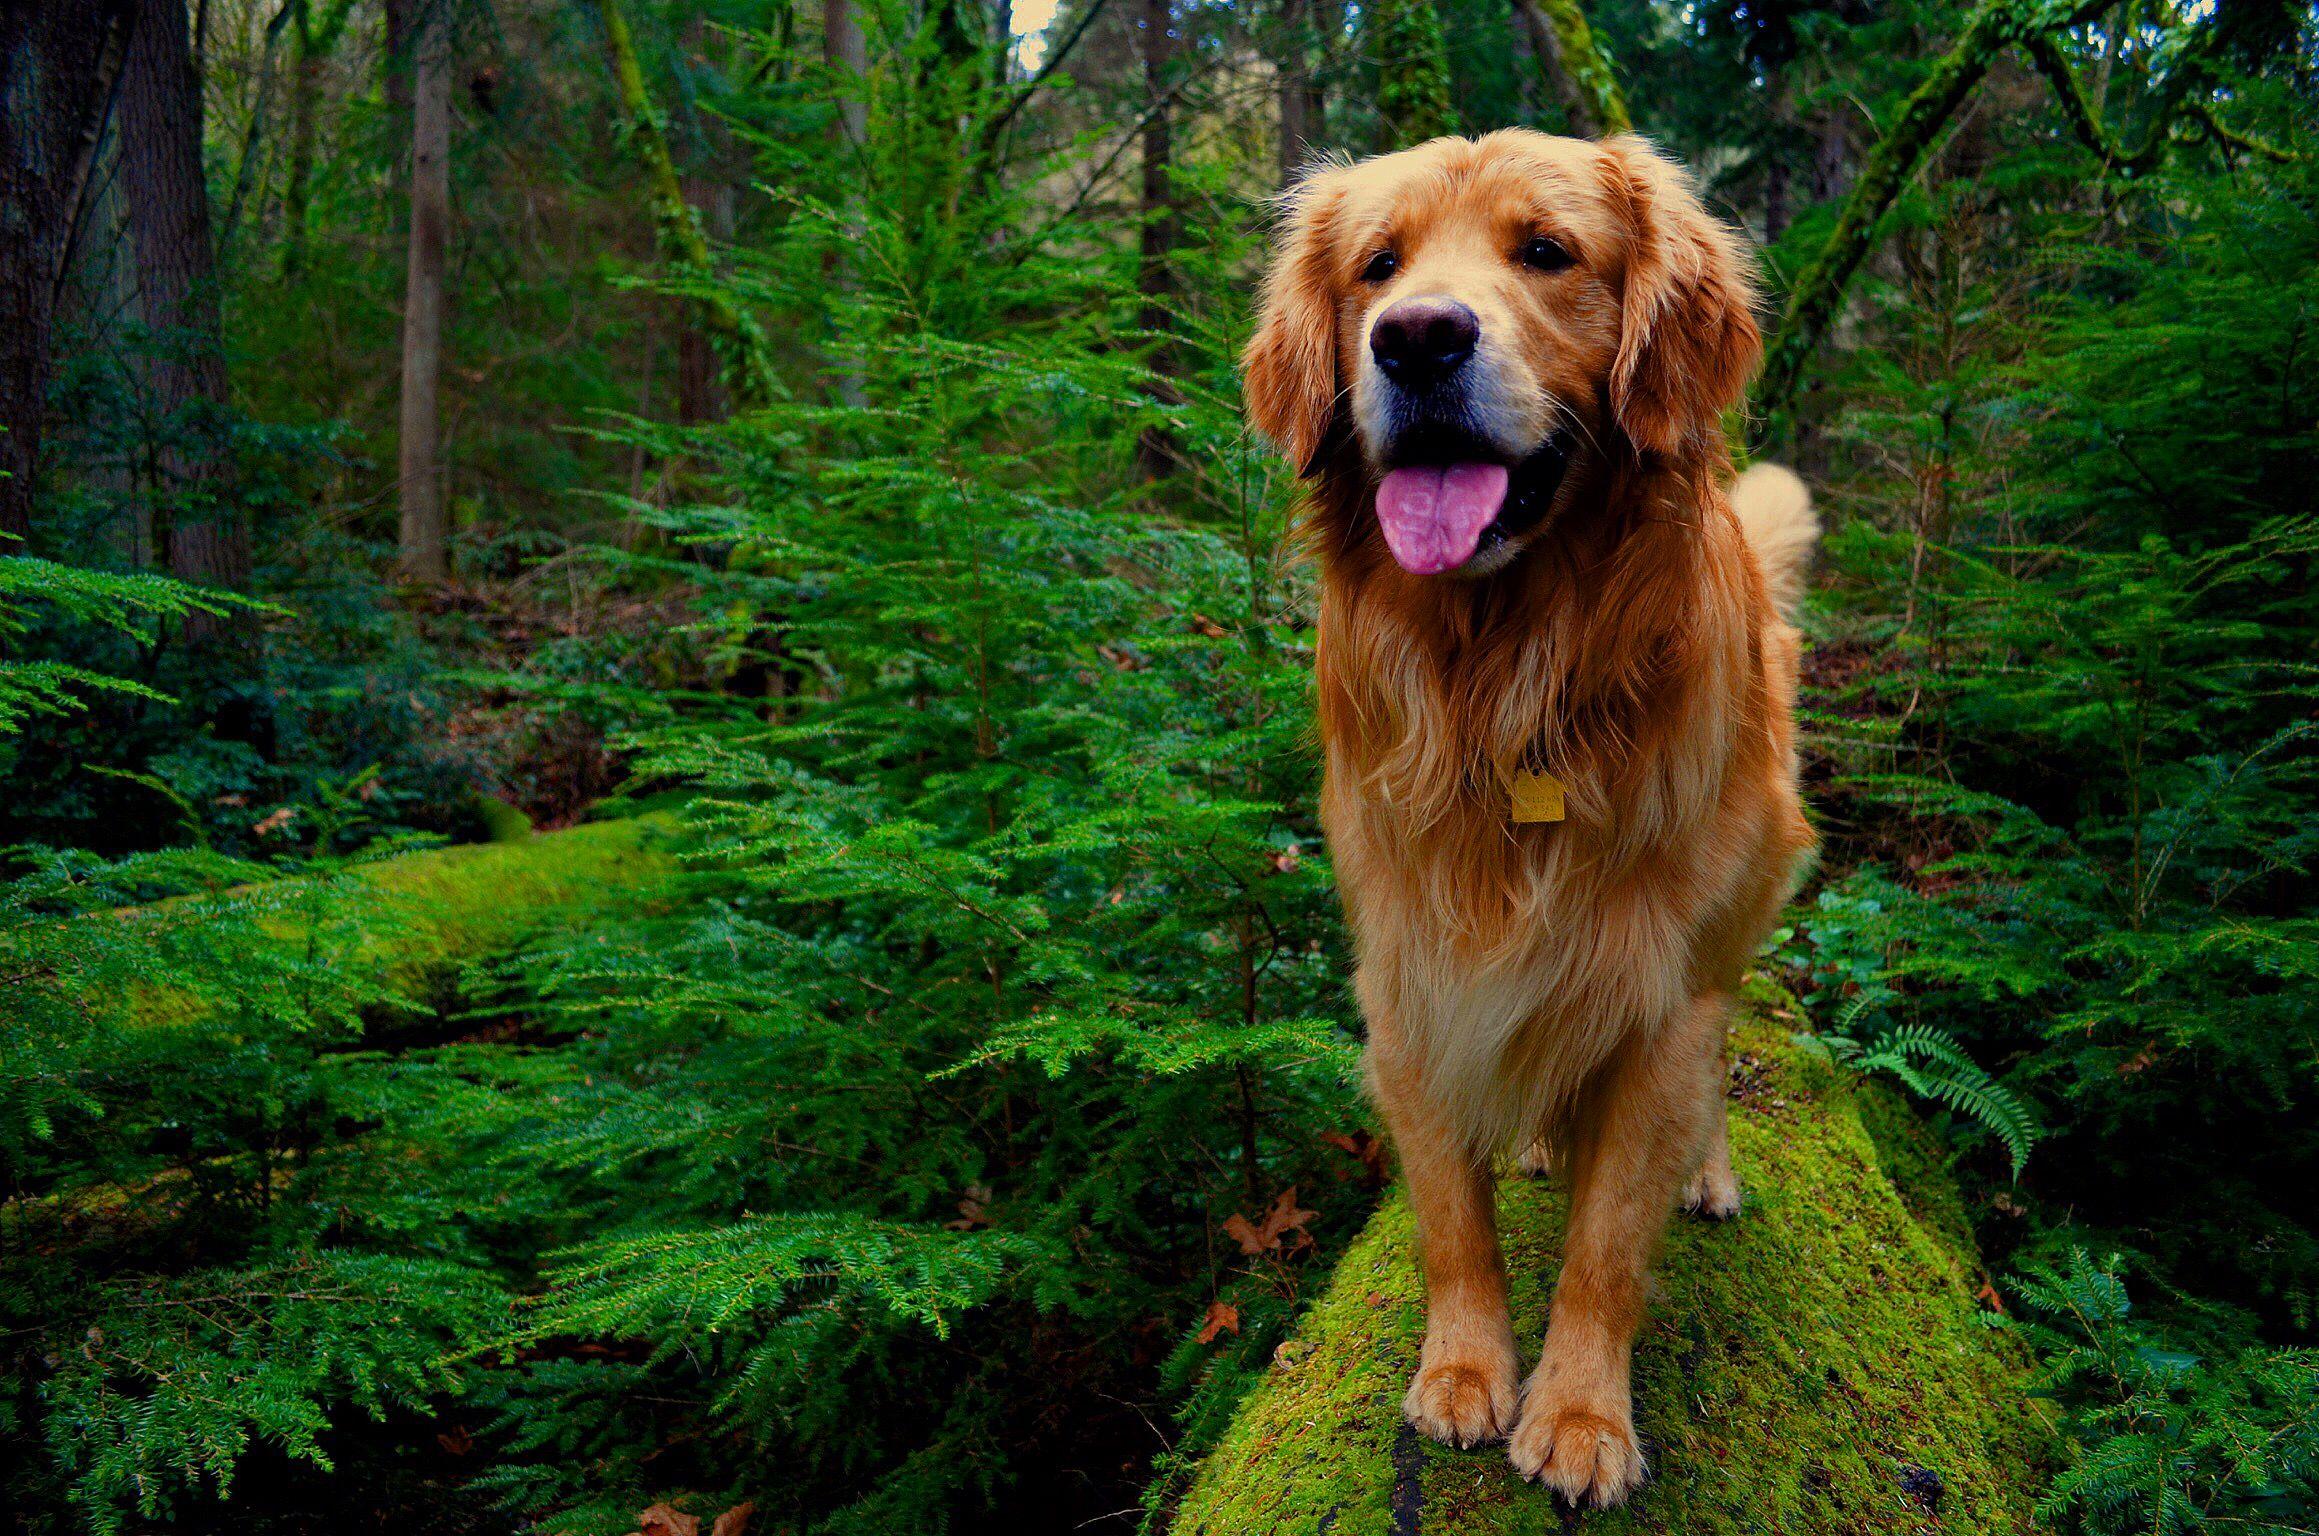 Golden Retriever Golden Retriever Puppy Golden Retriever Dog Greenery Woodland Forest Dog Photography Golden Retriever Photography Dogs Golden Retriever